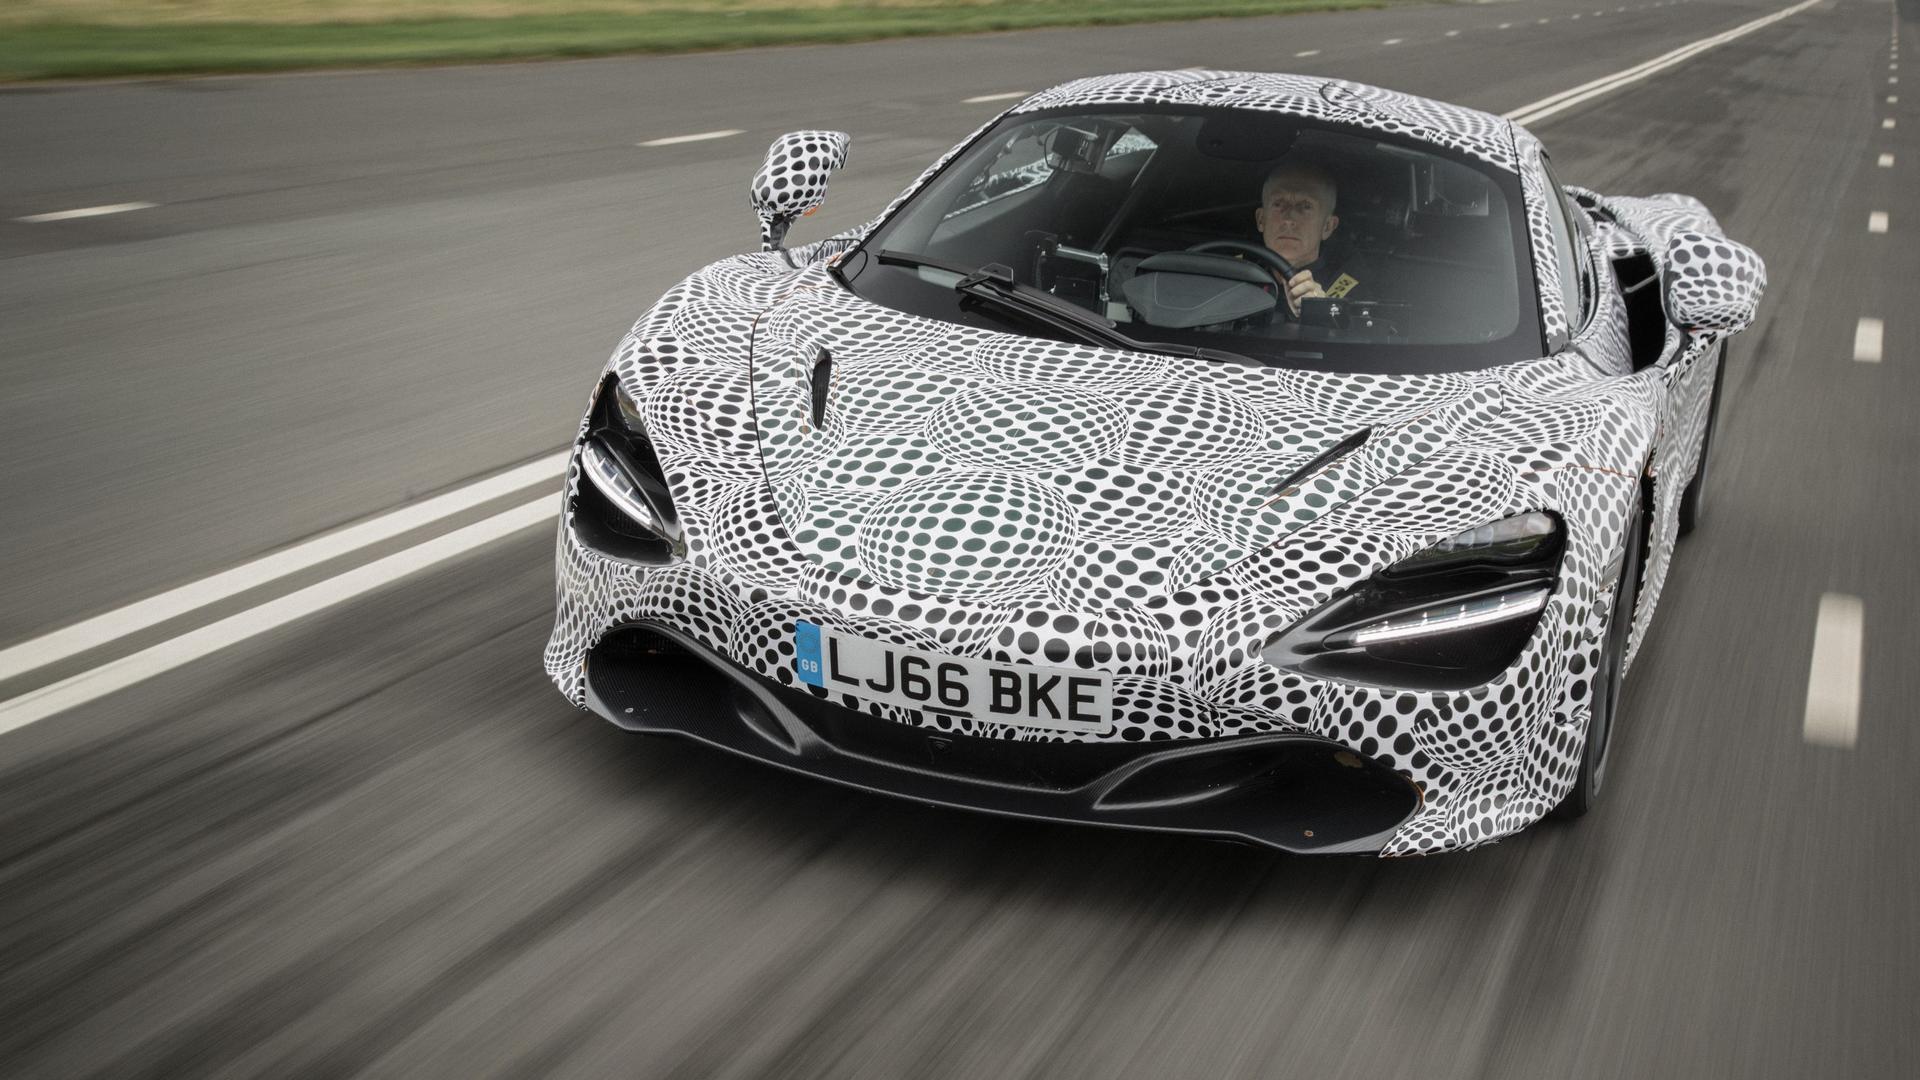 迈凯伦将于10月26日混动版车型Speedtail Hyper Gt